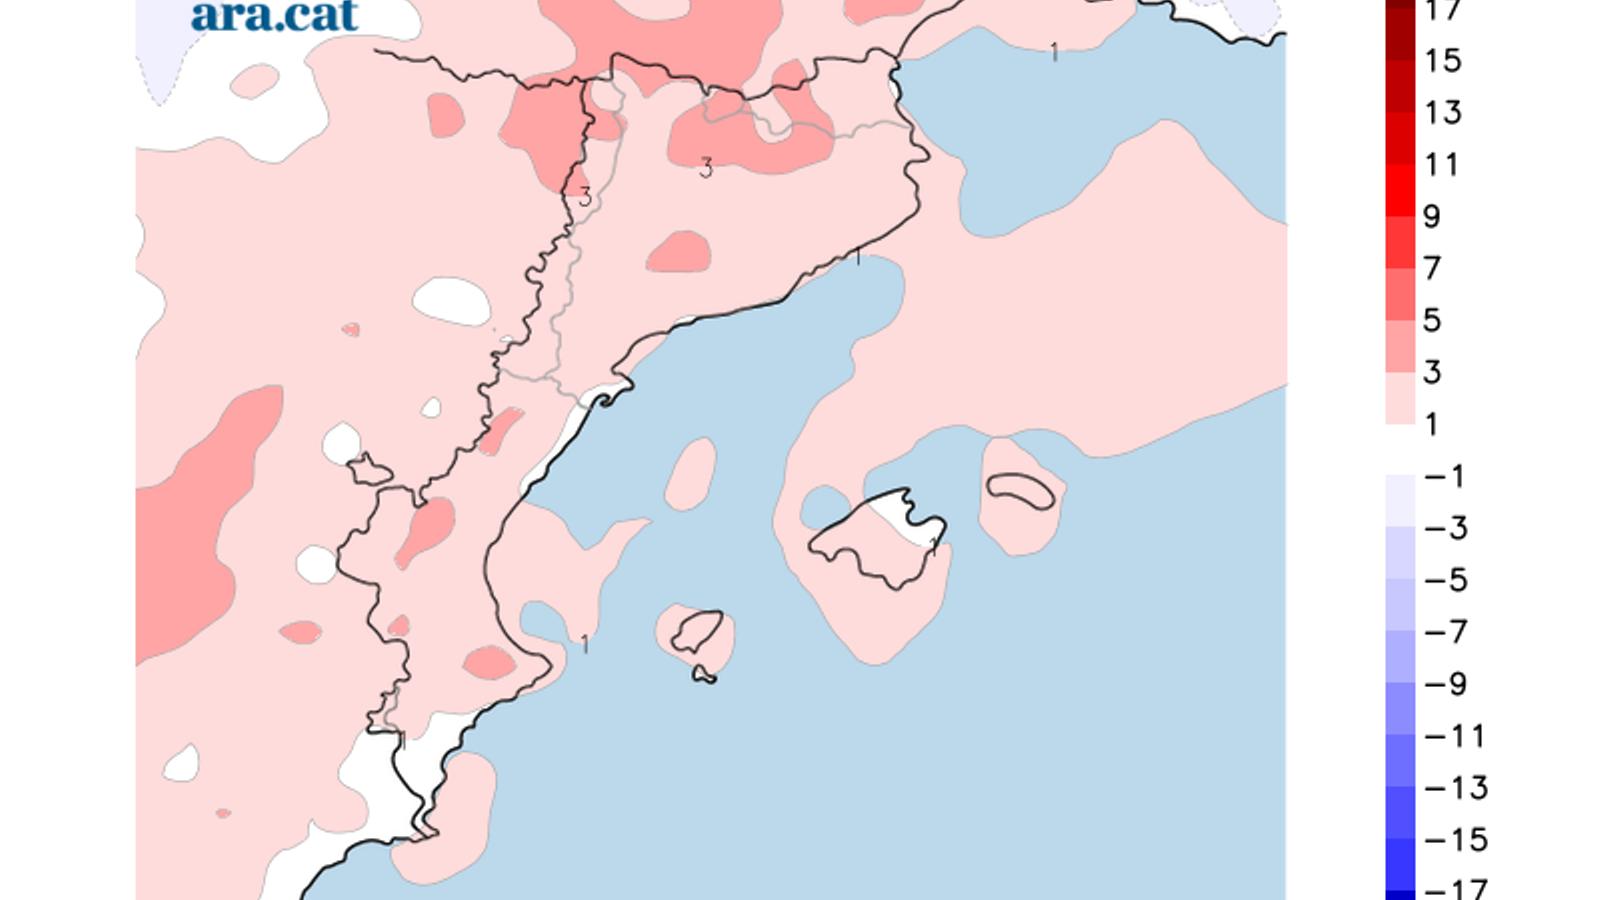 Diferència prevista entre la temperatura mínima d'avui i la de dimecres